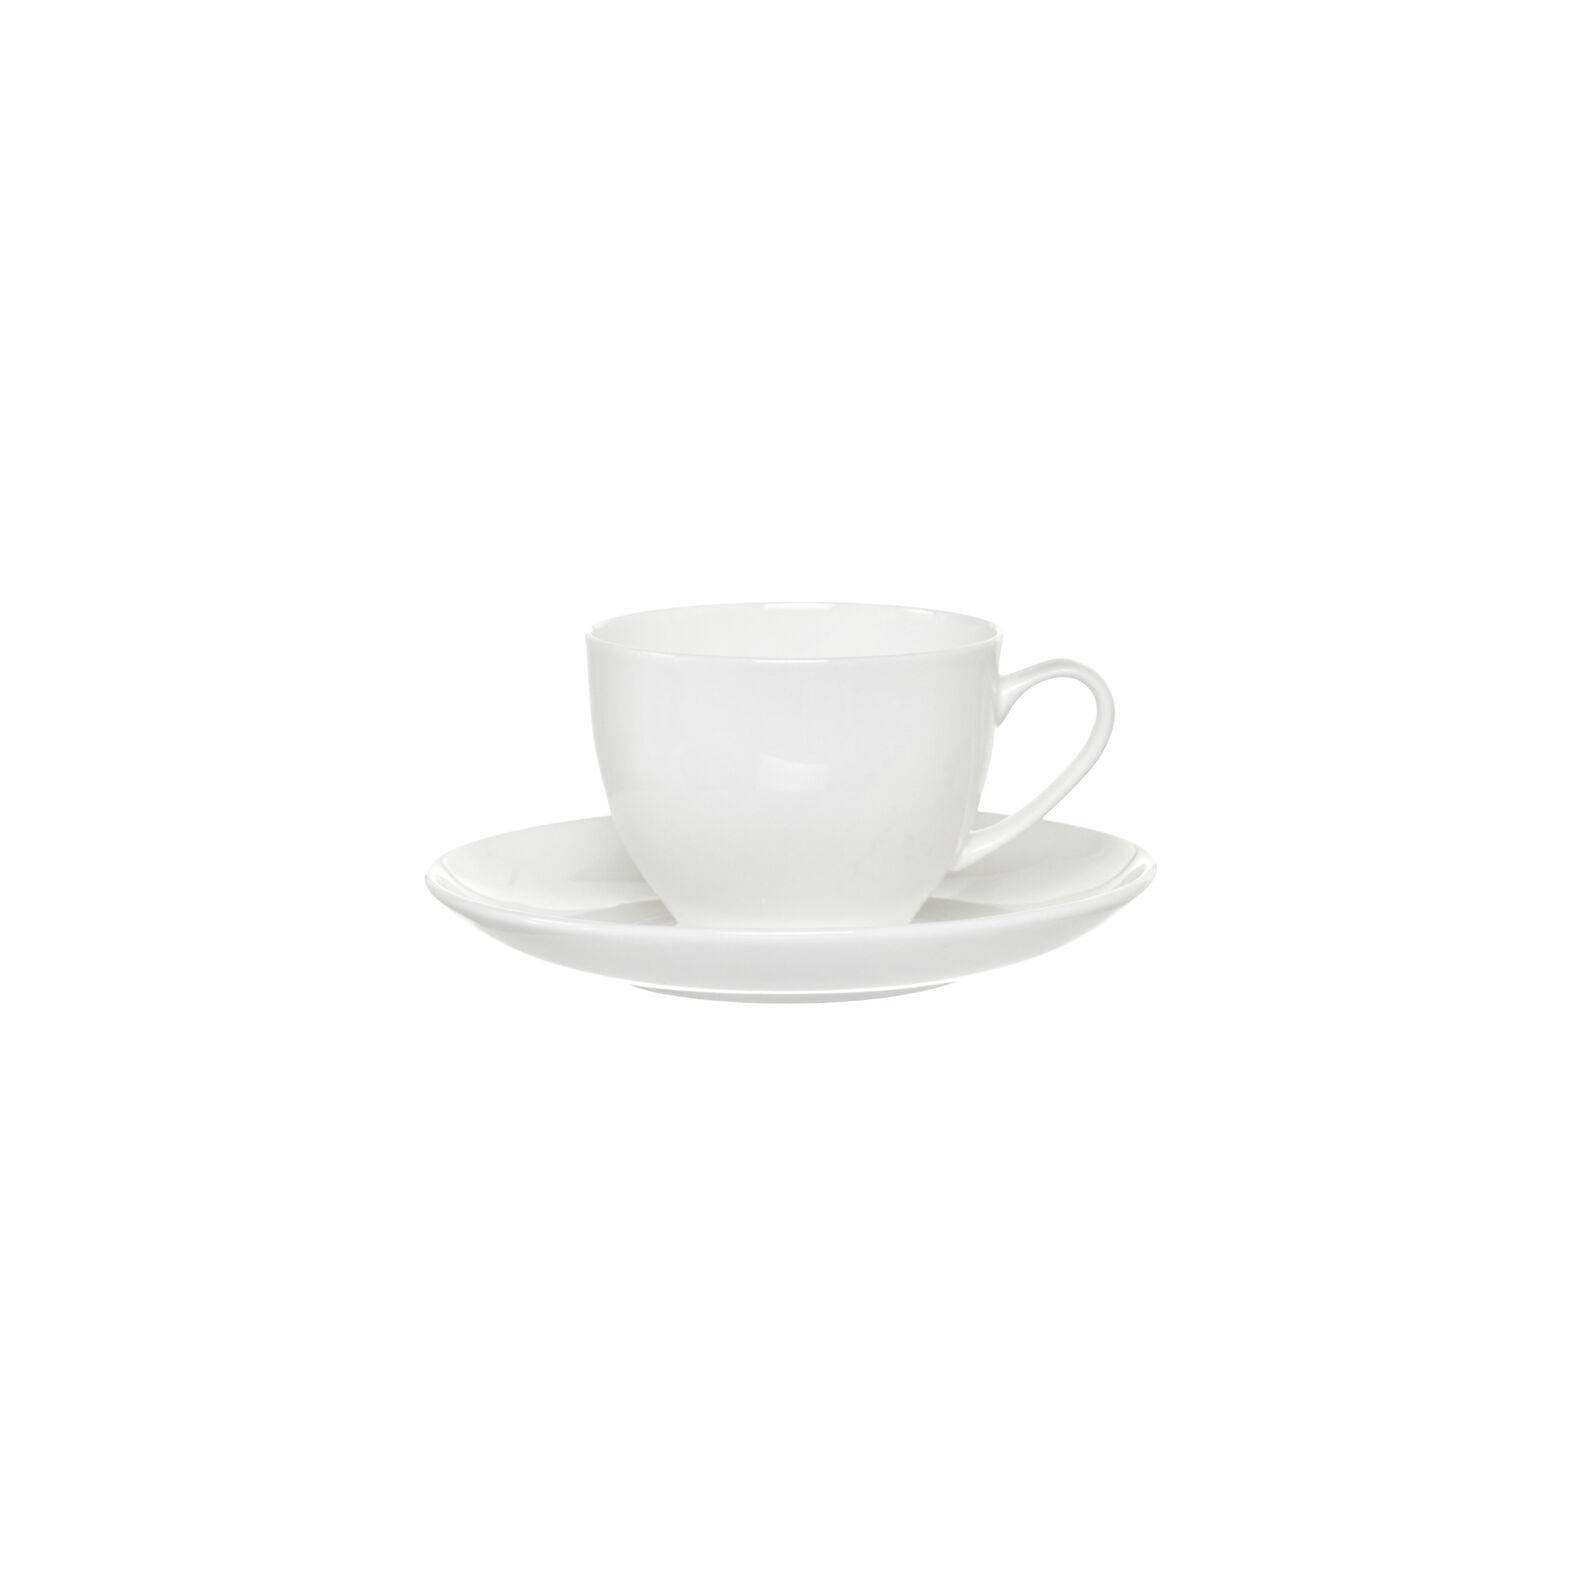 Anna tea cup